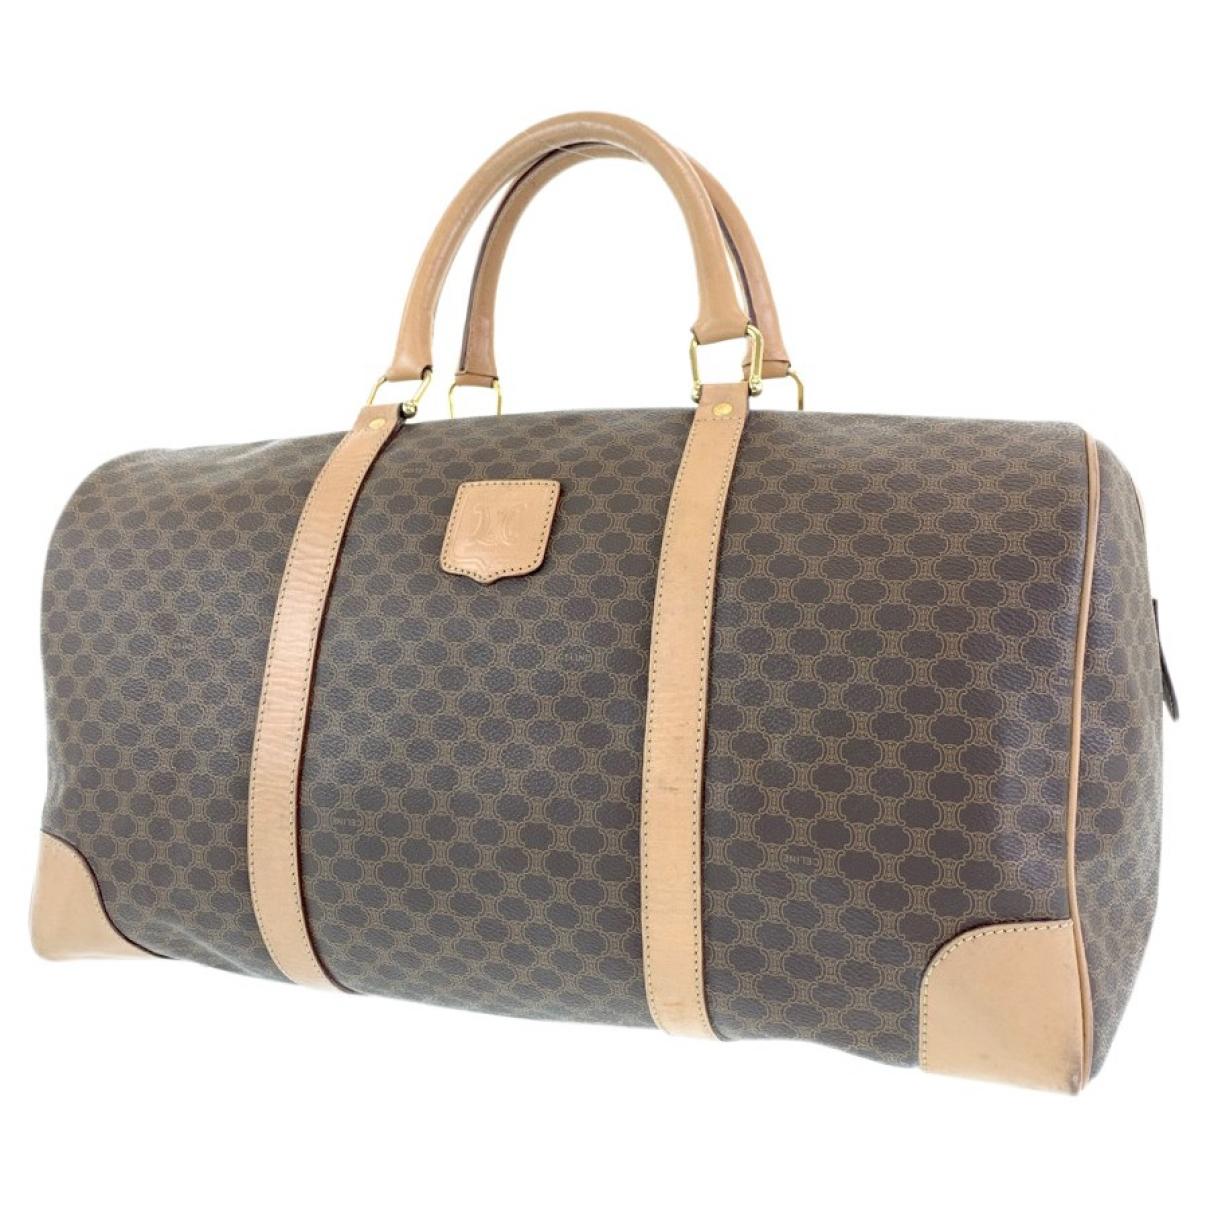 Celine \N Brown Travel bag for Women \N